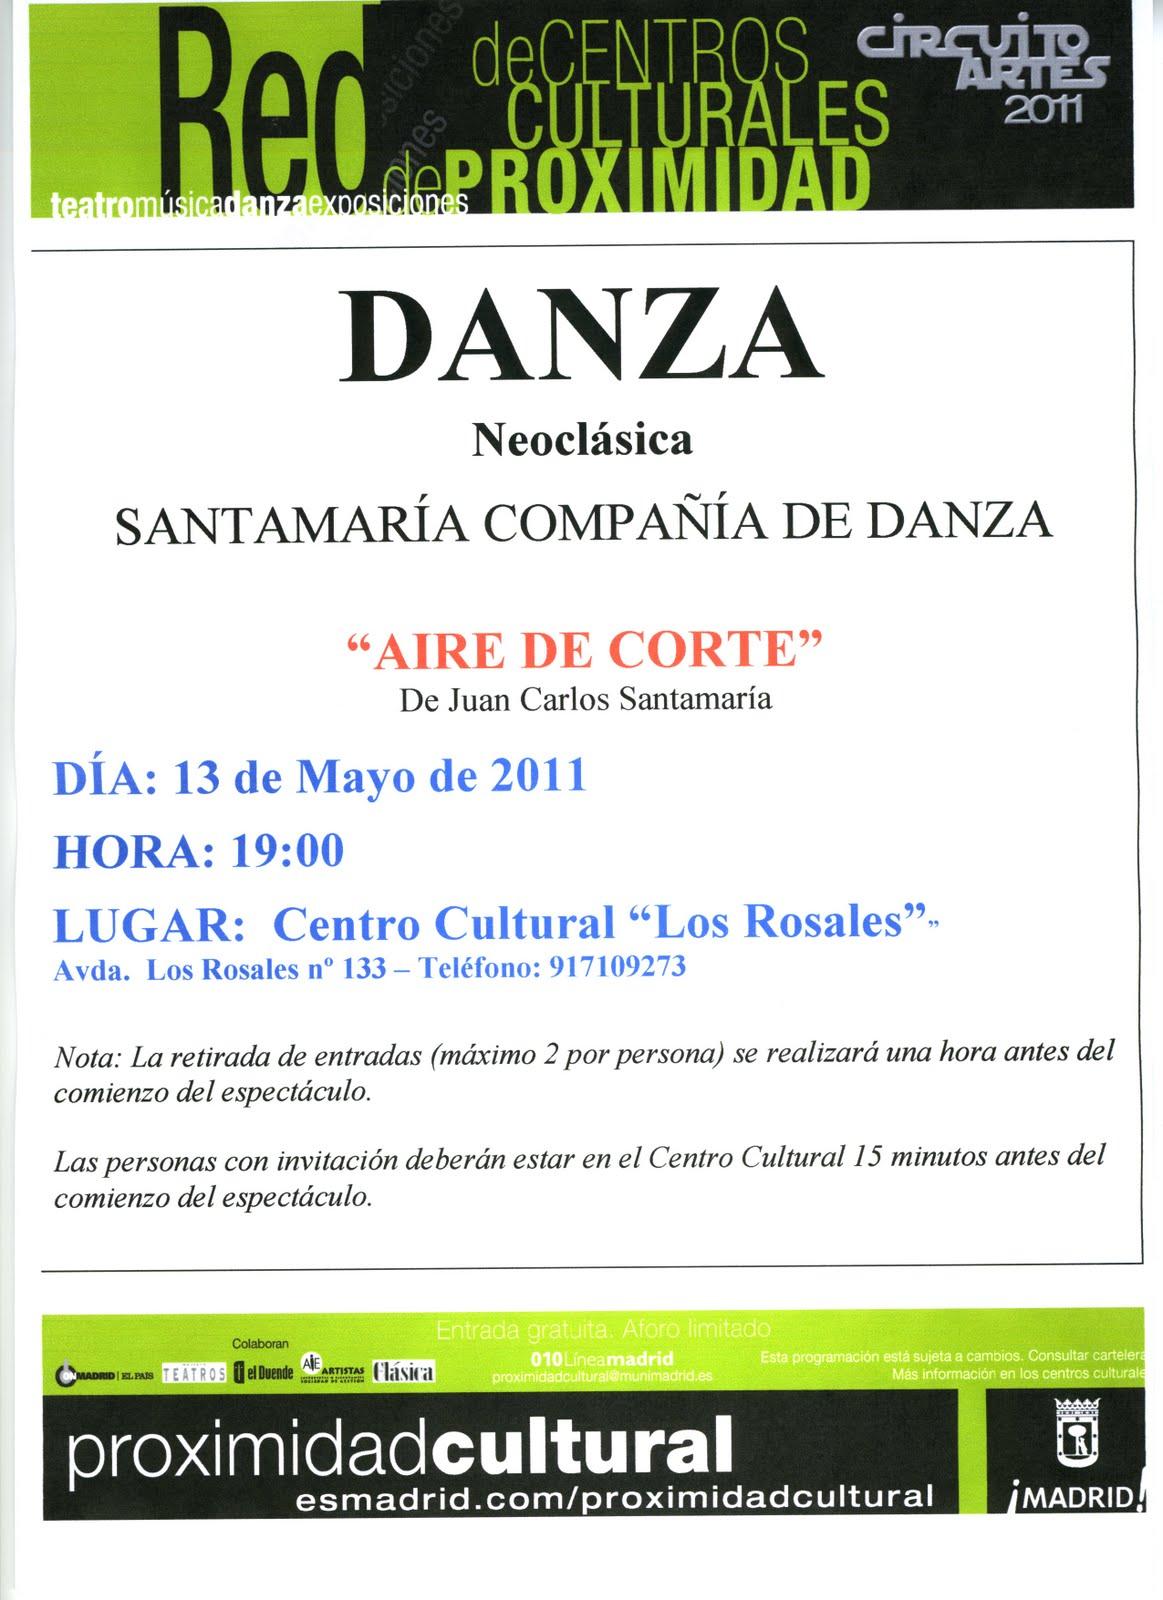 airedecorte_centrocultural.jpg